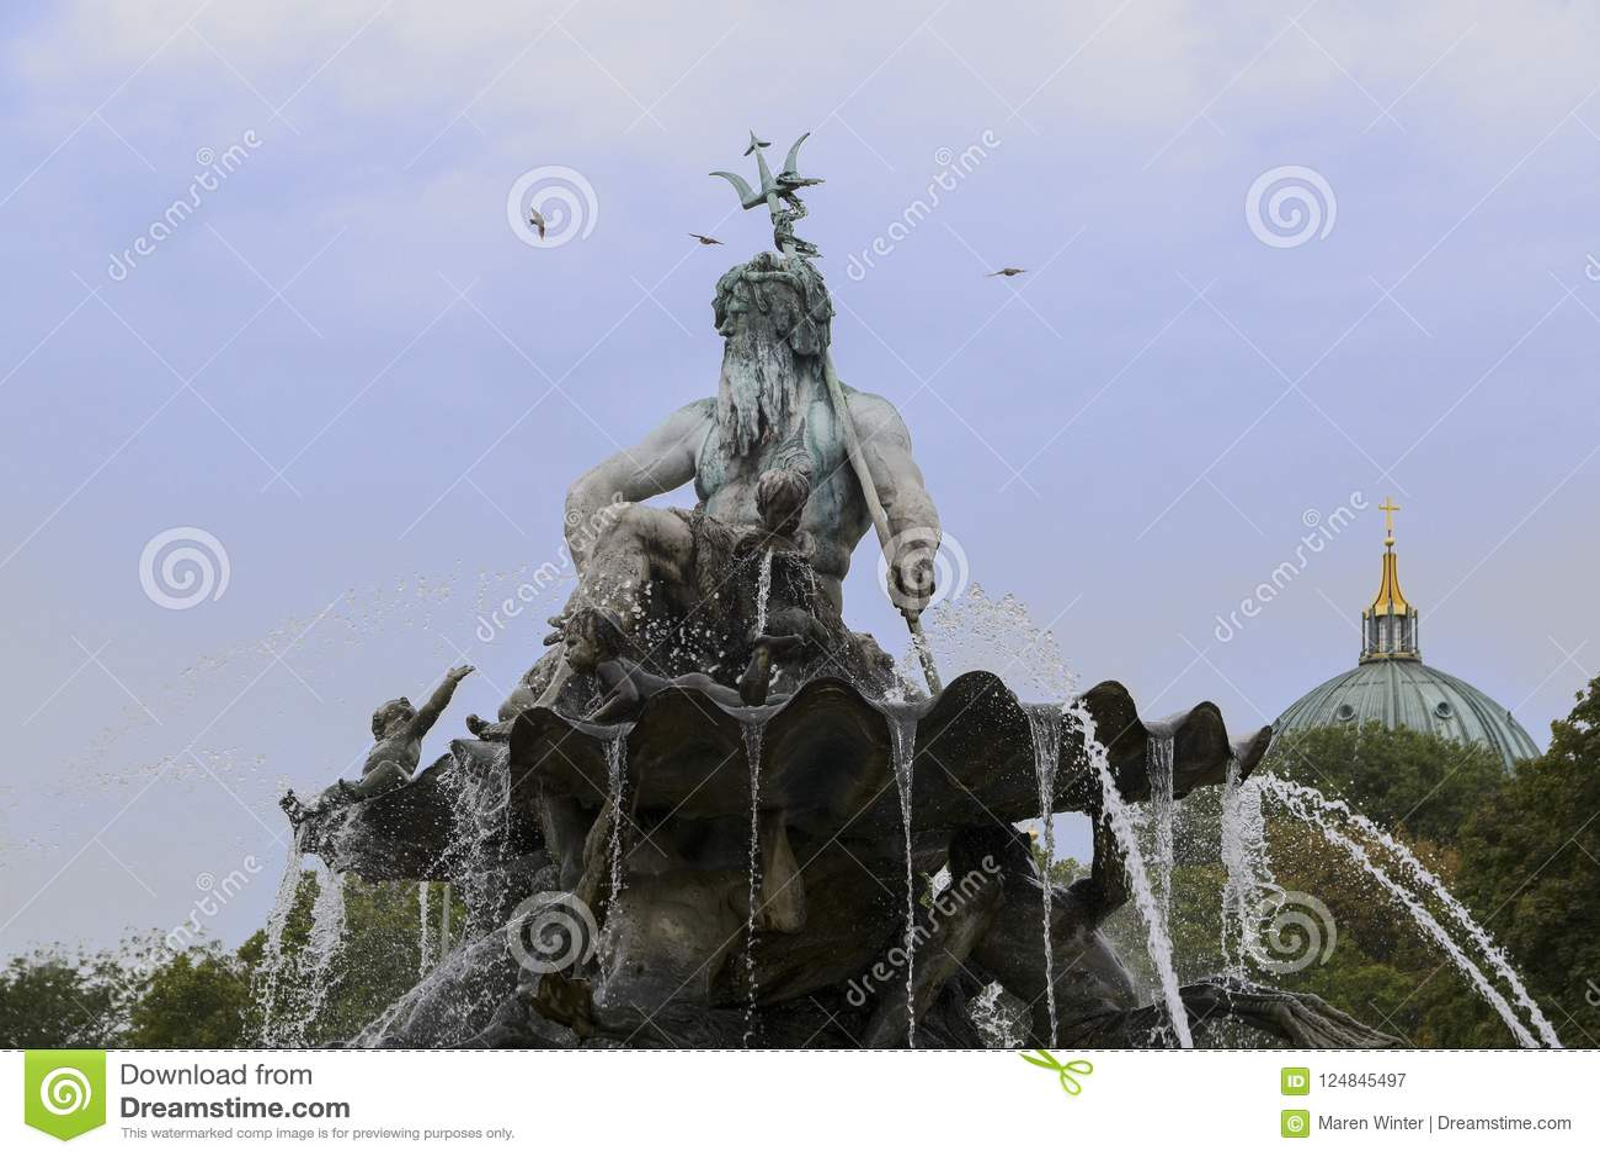 Del av Neptunspringbrunnen i Berlin med den grekiska guden Poseid